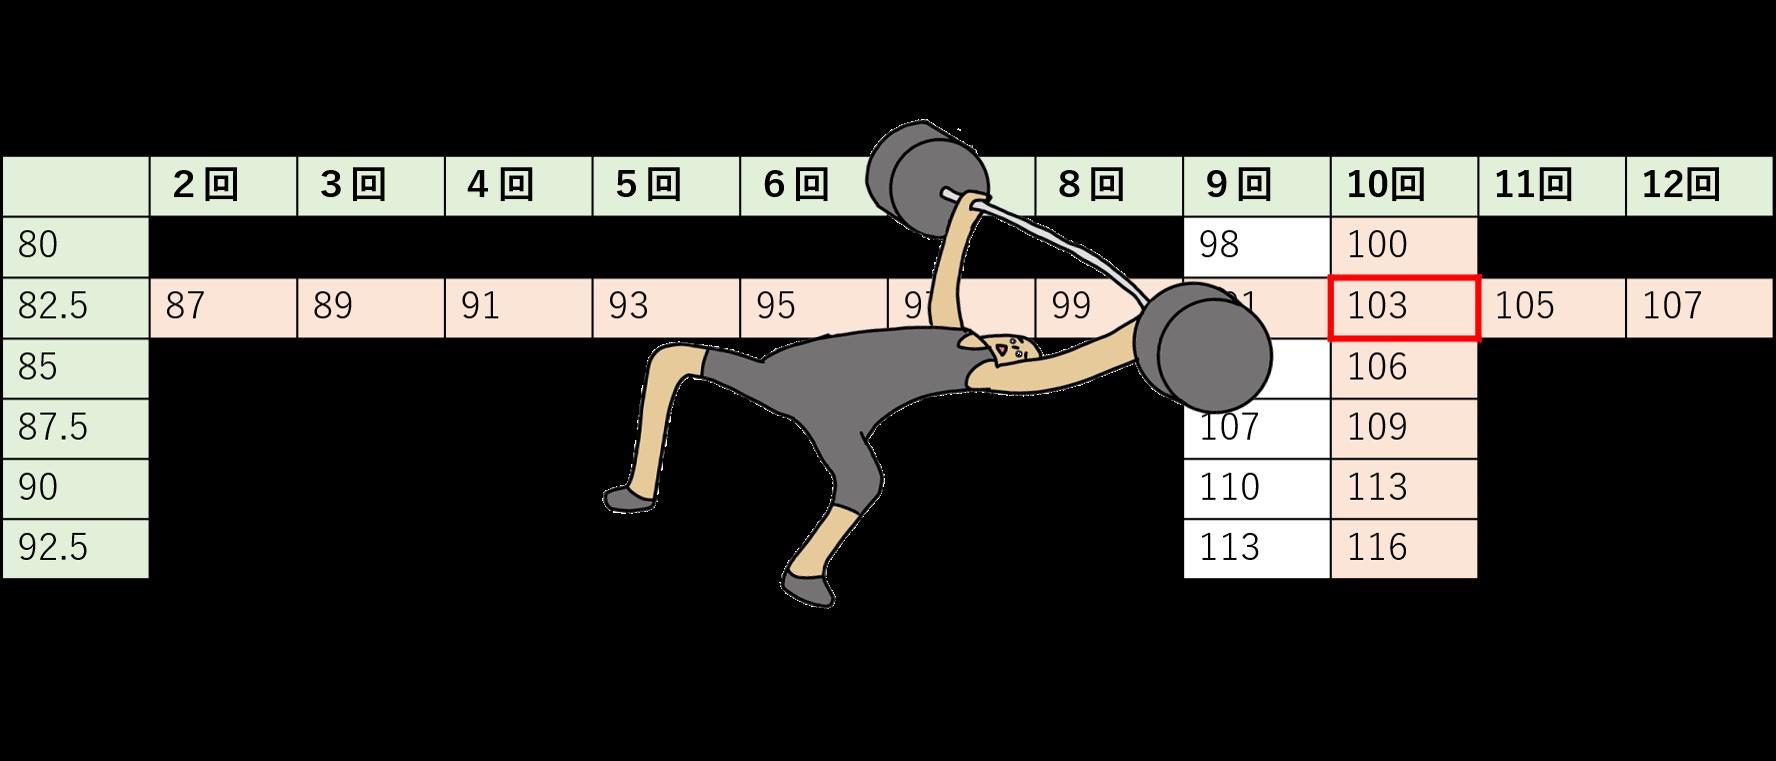 換算 ベンチ 表 プレス ベンチプレスのやり方とフォーム 100kgの挙上プログラムをトレーナーが解説  